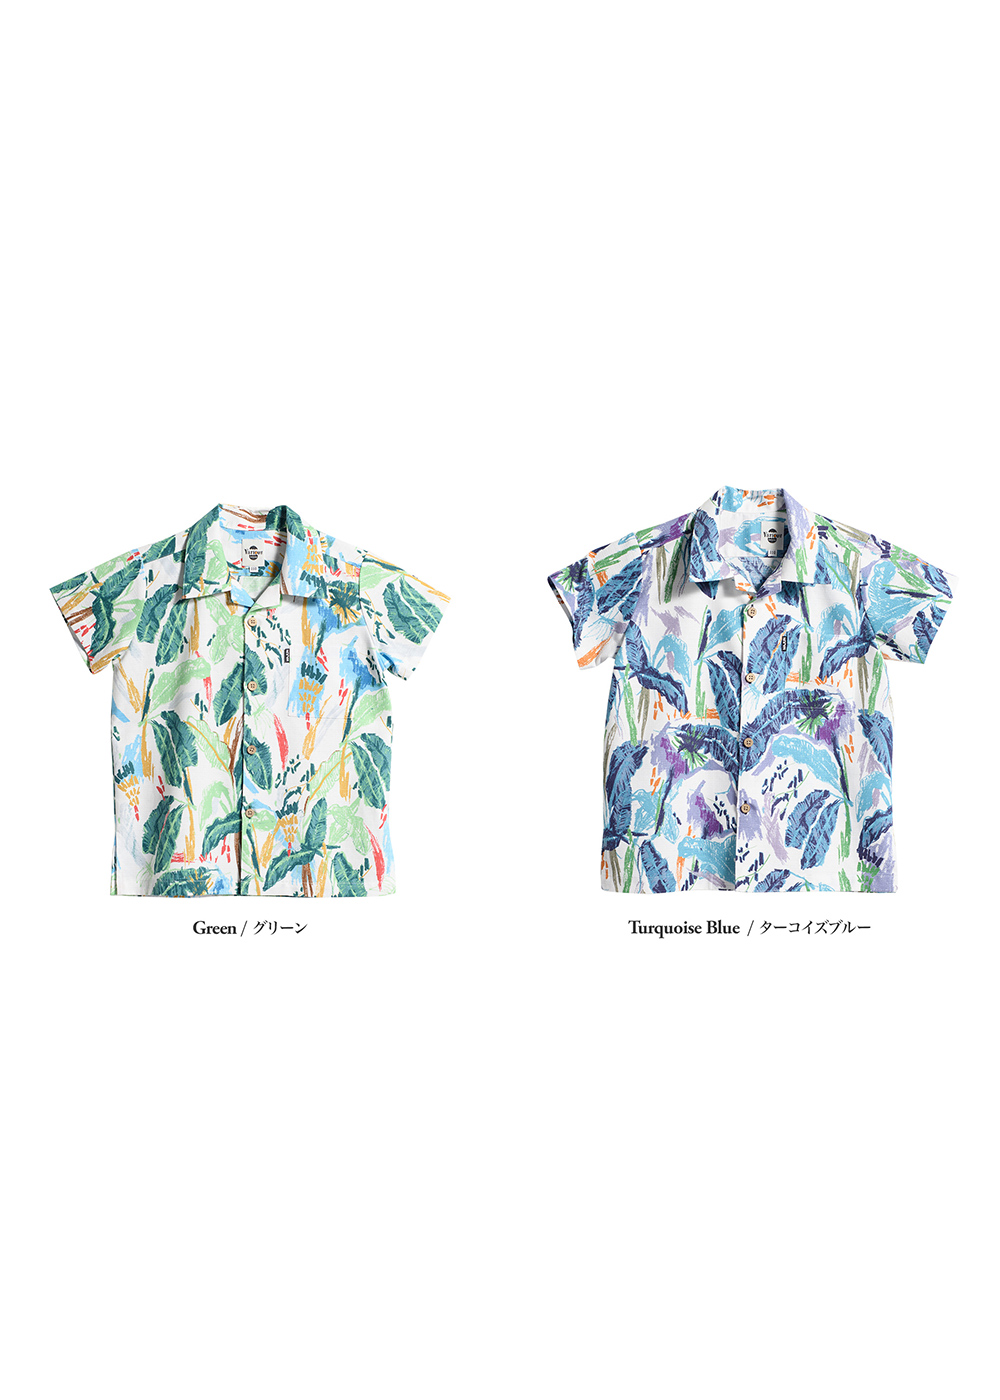 かりゆしウェア(沖縄版アロハシャツ) MAJUN - バナナリーフ(キッズシャツ)